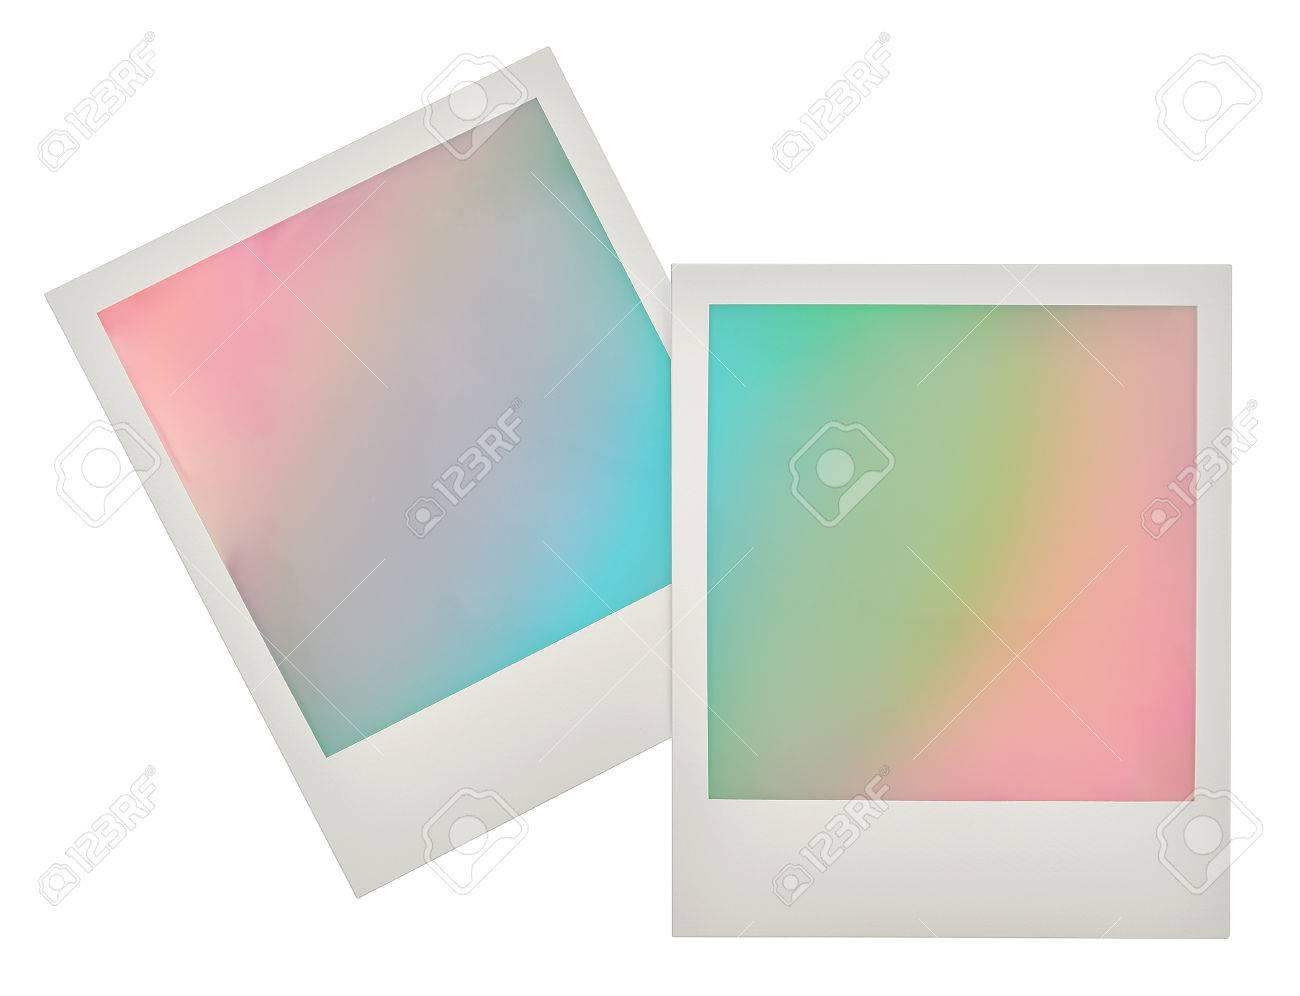 Cornici Colorate Per Foto cornici per foto istantanea con sfondo colorato pastello. design in stile  retrò per la tua immagine